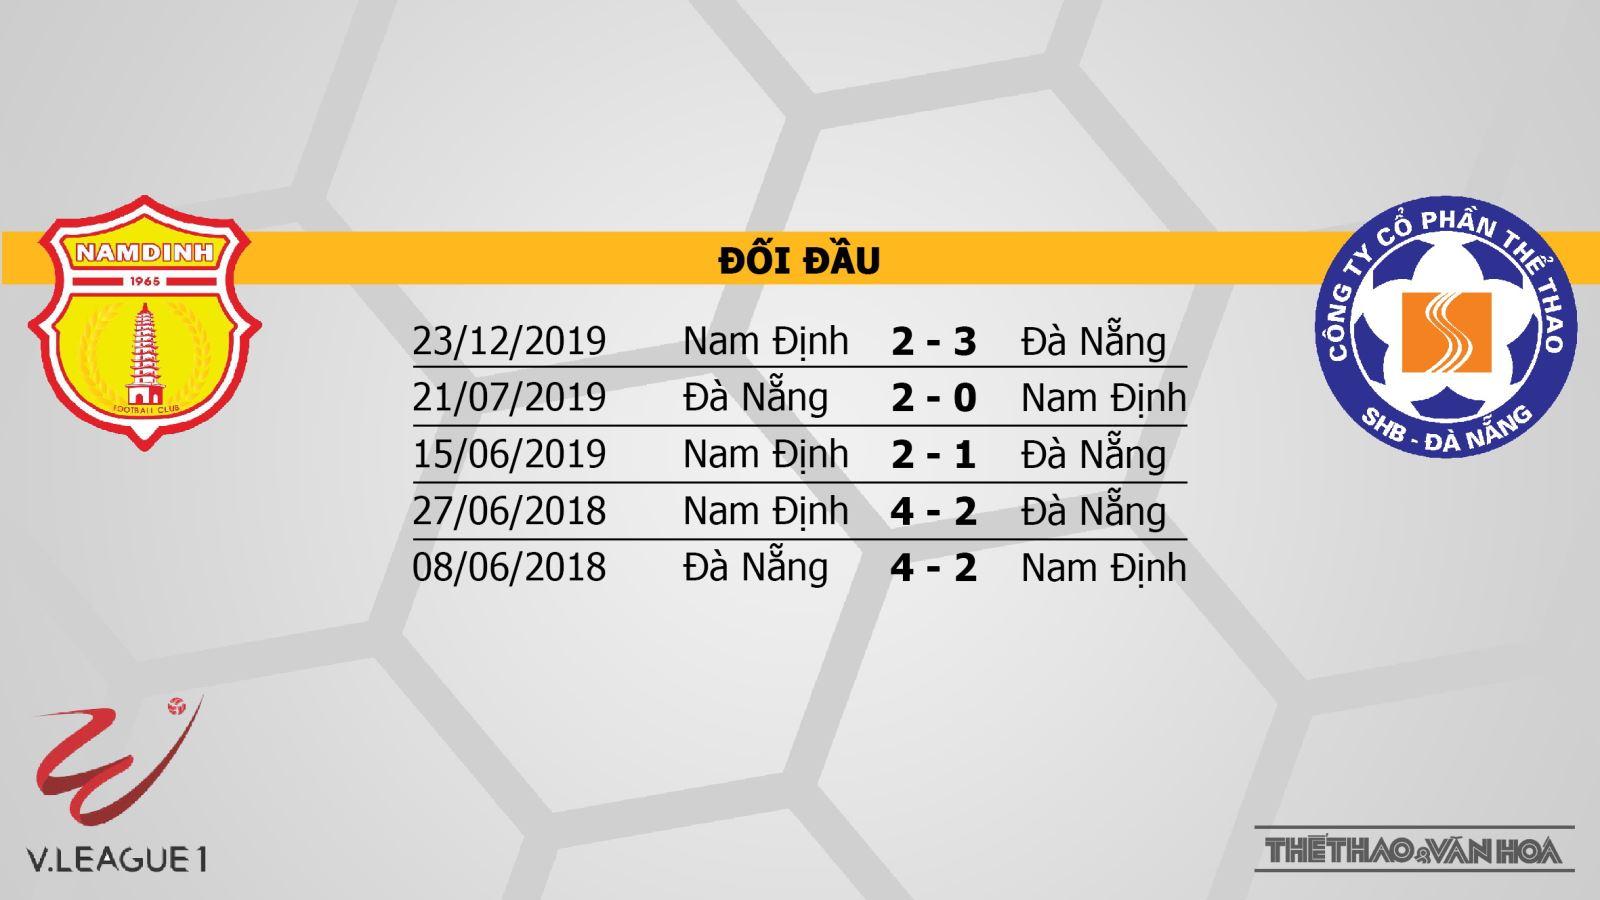 Nam Định vs SHB Đà Nẵng, kèo bóng đá Nam Định vs SHB Đà Nẵng, Nam Định, Đà Nẵng, trực tiếp bóng đá, trực tiếp Nam Định vs SHB Đà Nẵng, soi kèo bóng đá